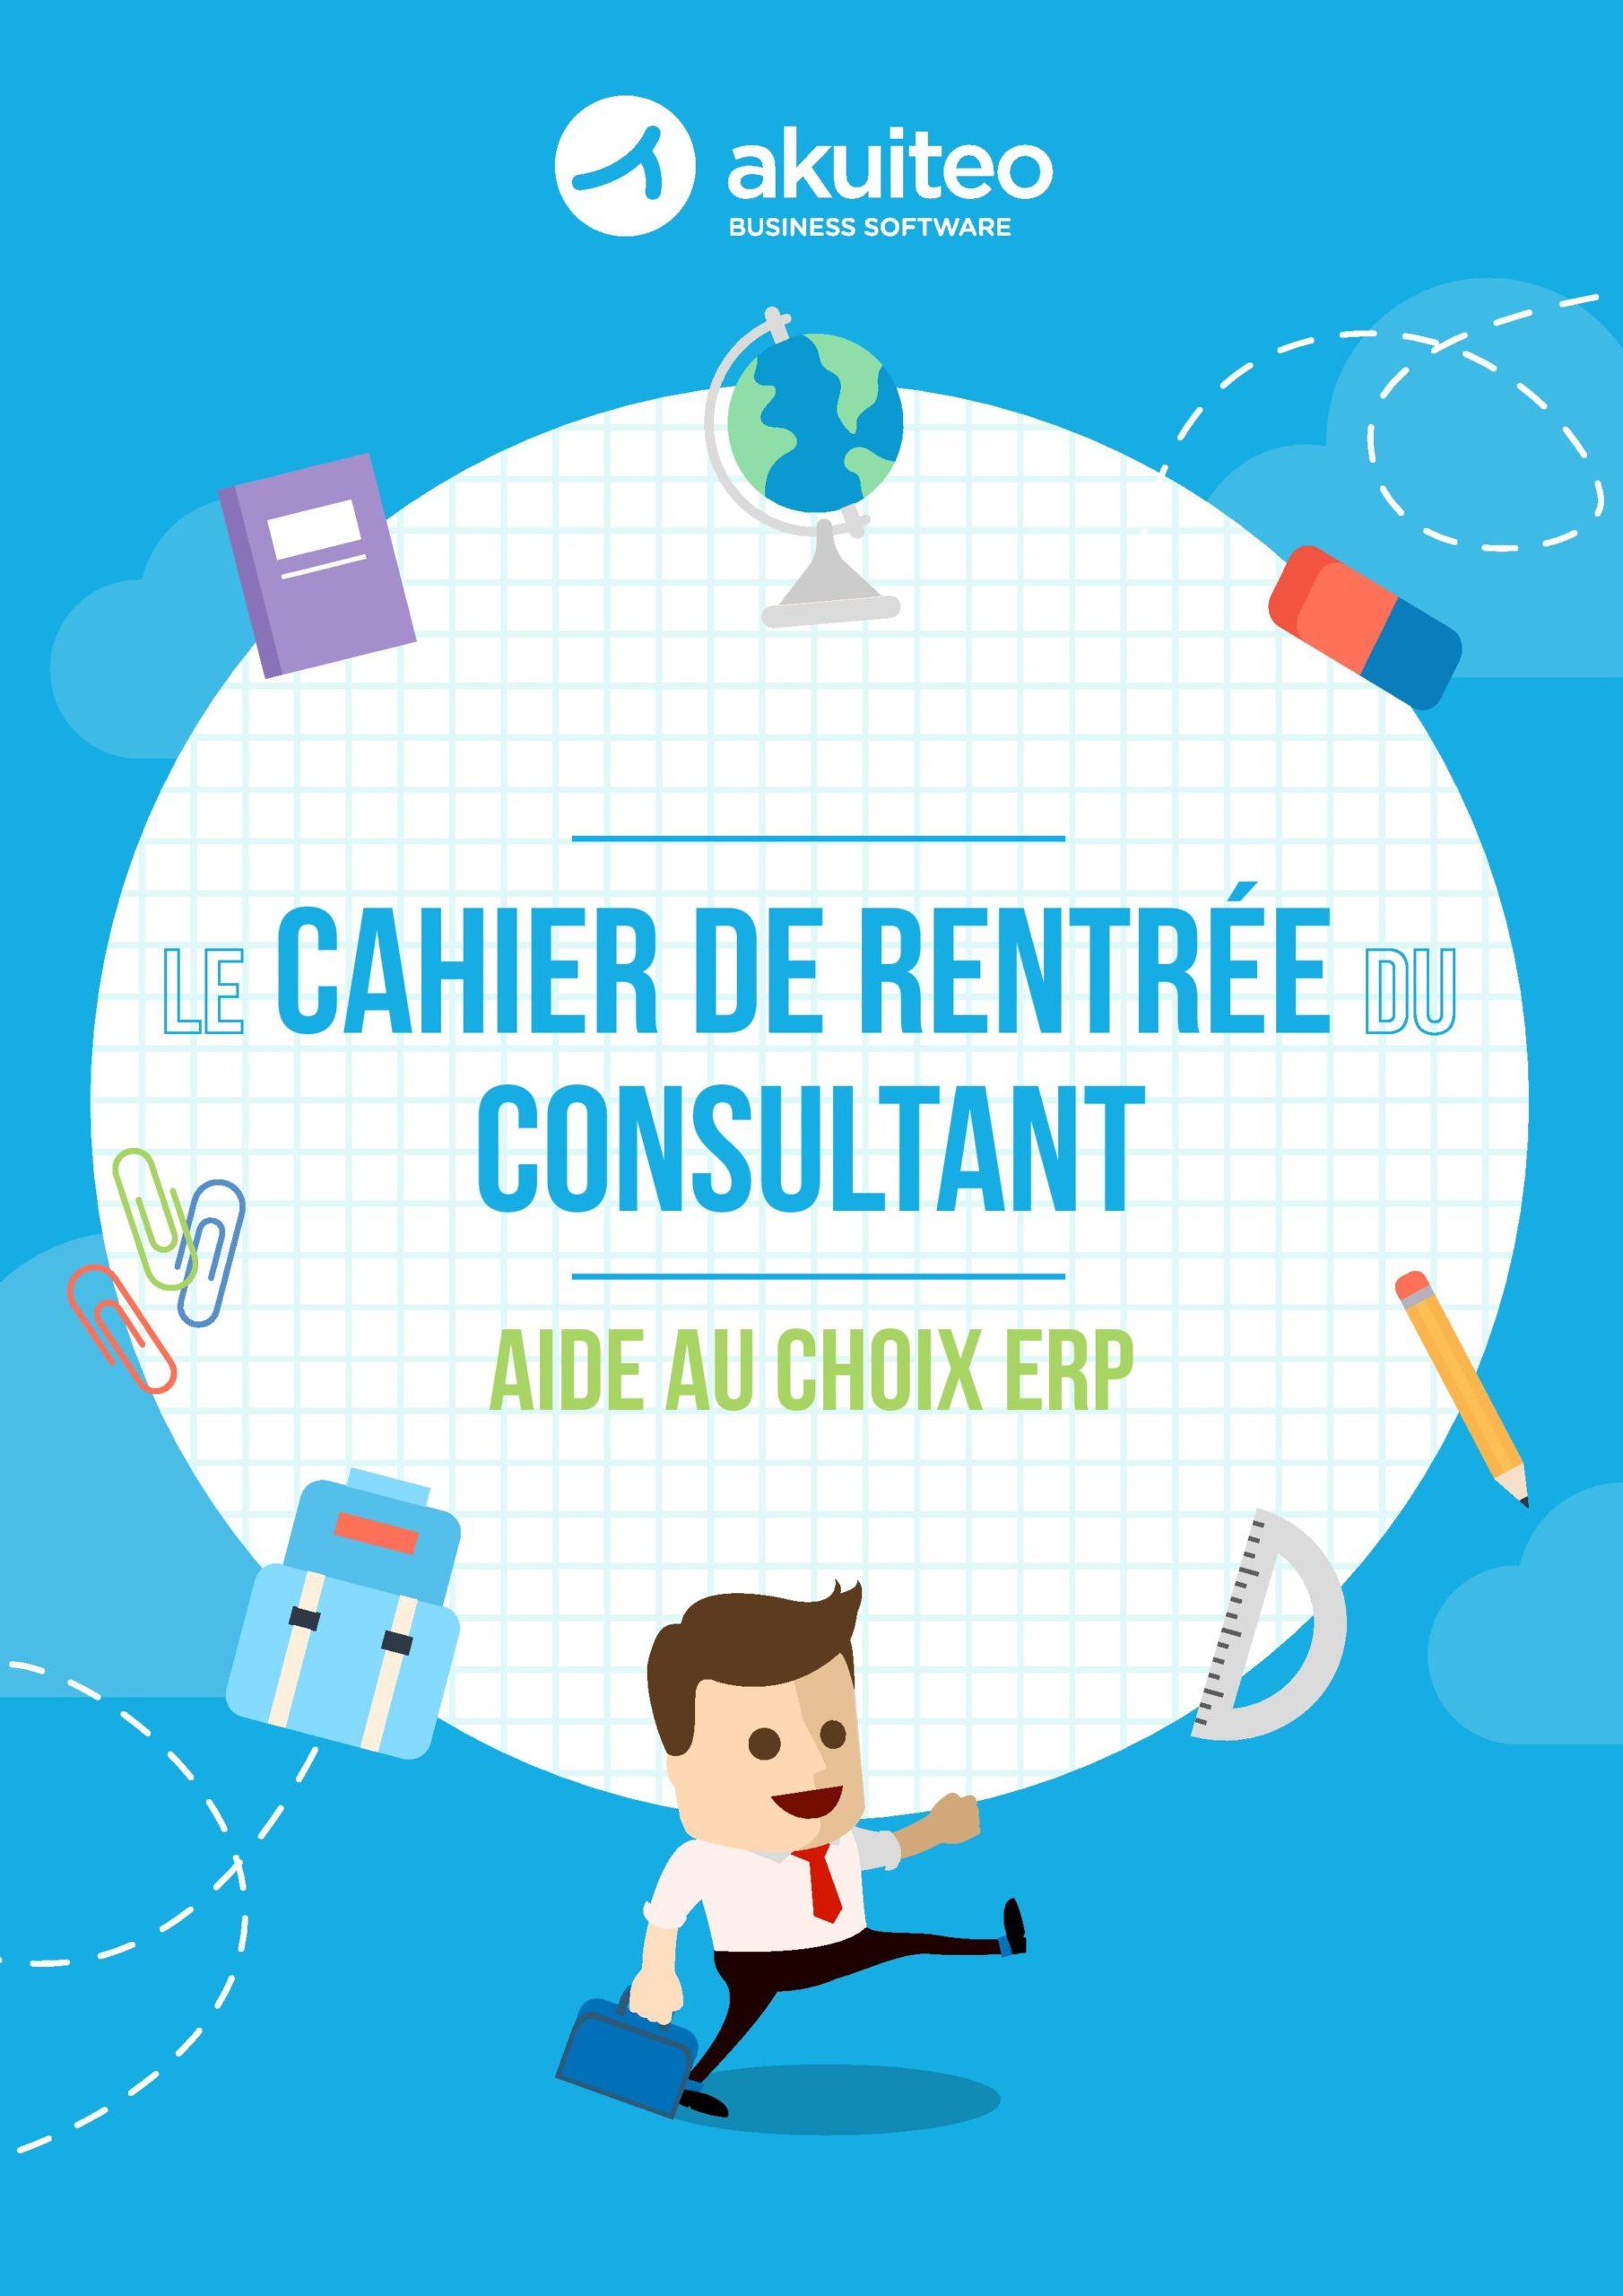 Akuiteo – Le cahier de rentrée du consultant aide au choix ERP